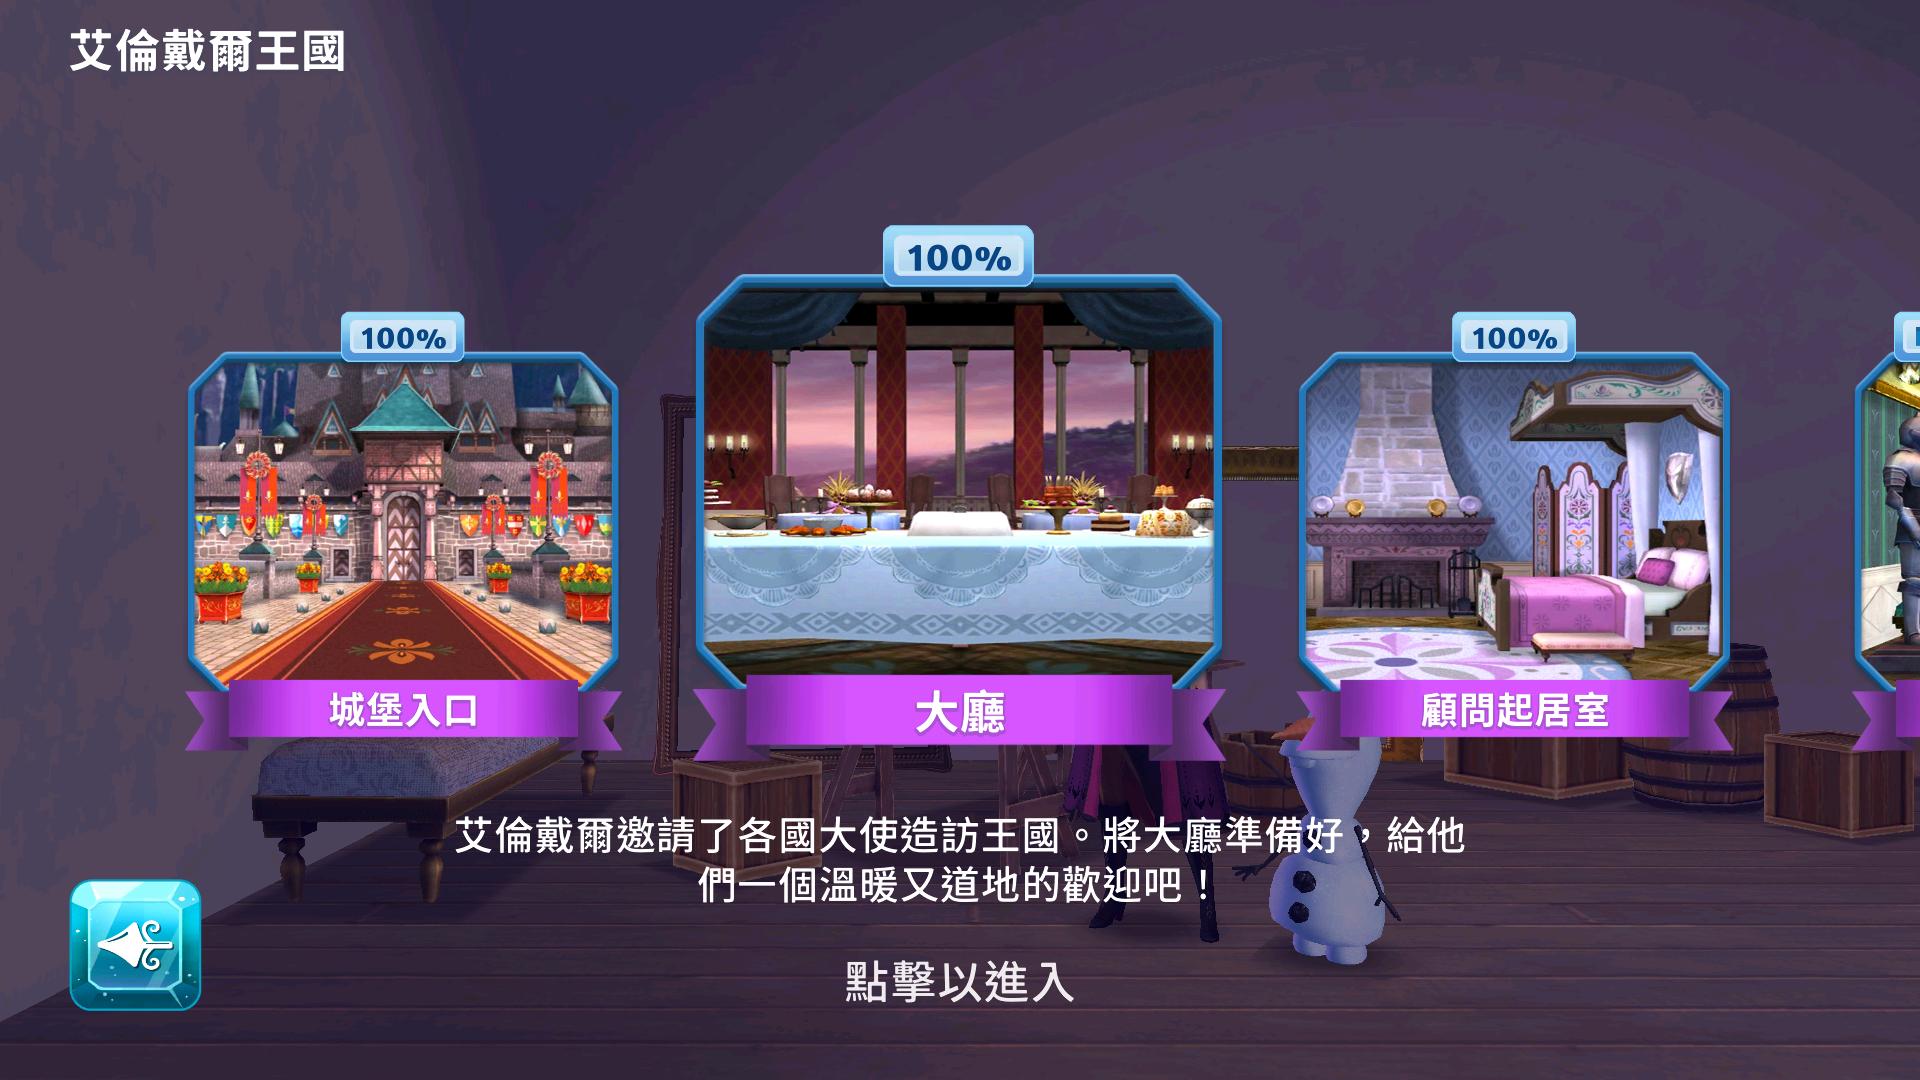 遊戲劇情主軸是要重新整理皇宮 以因應舉辦派對的需要